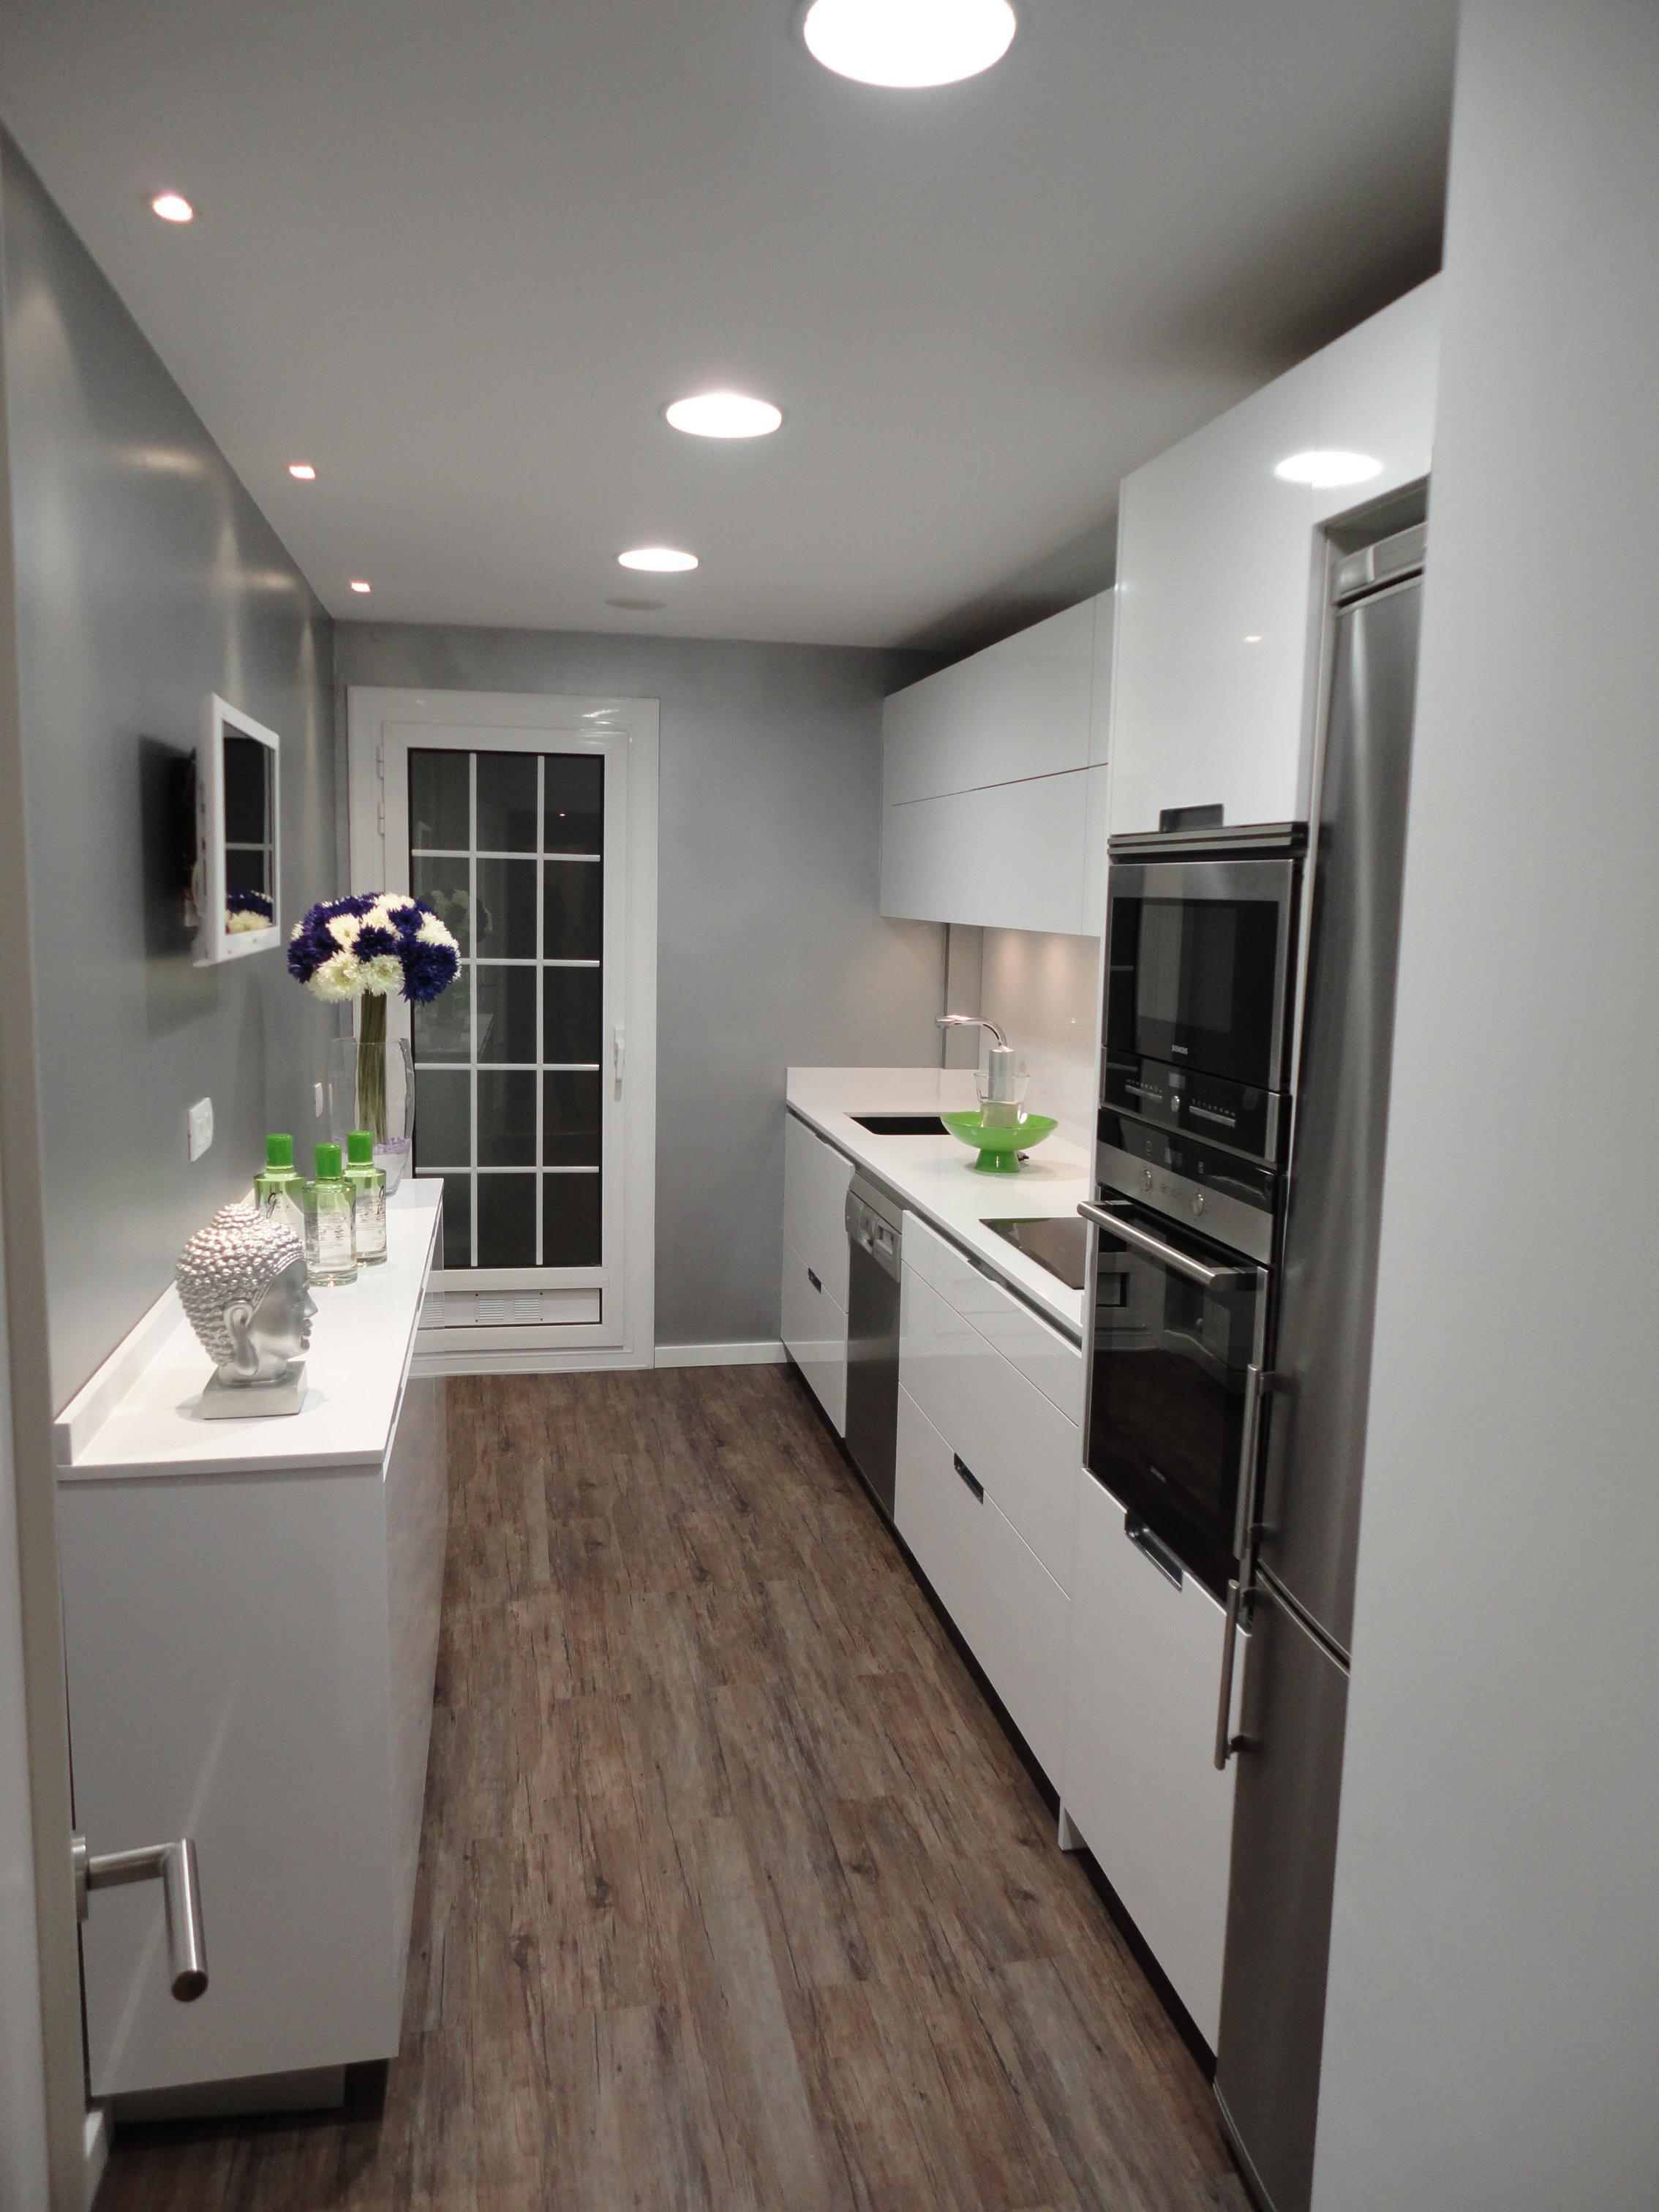 Cocinas Con Suelos De Madera Renova Interiors ~ Suelos Vinilicos Para Cocinas Y Baños